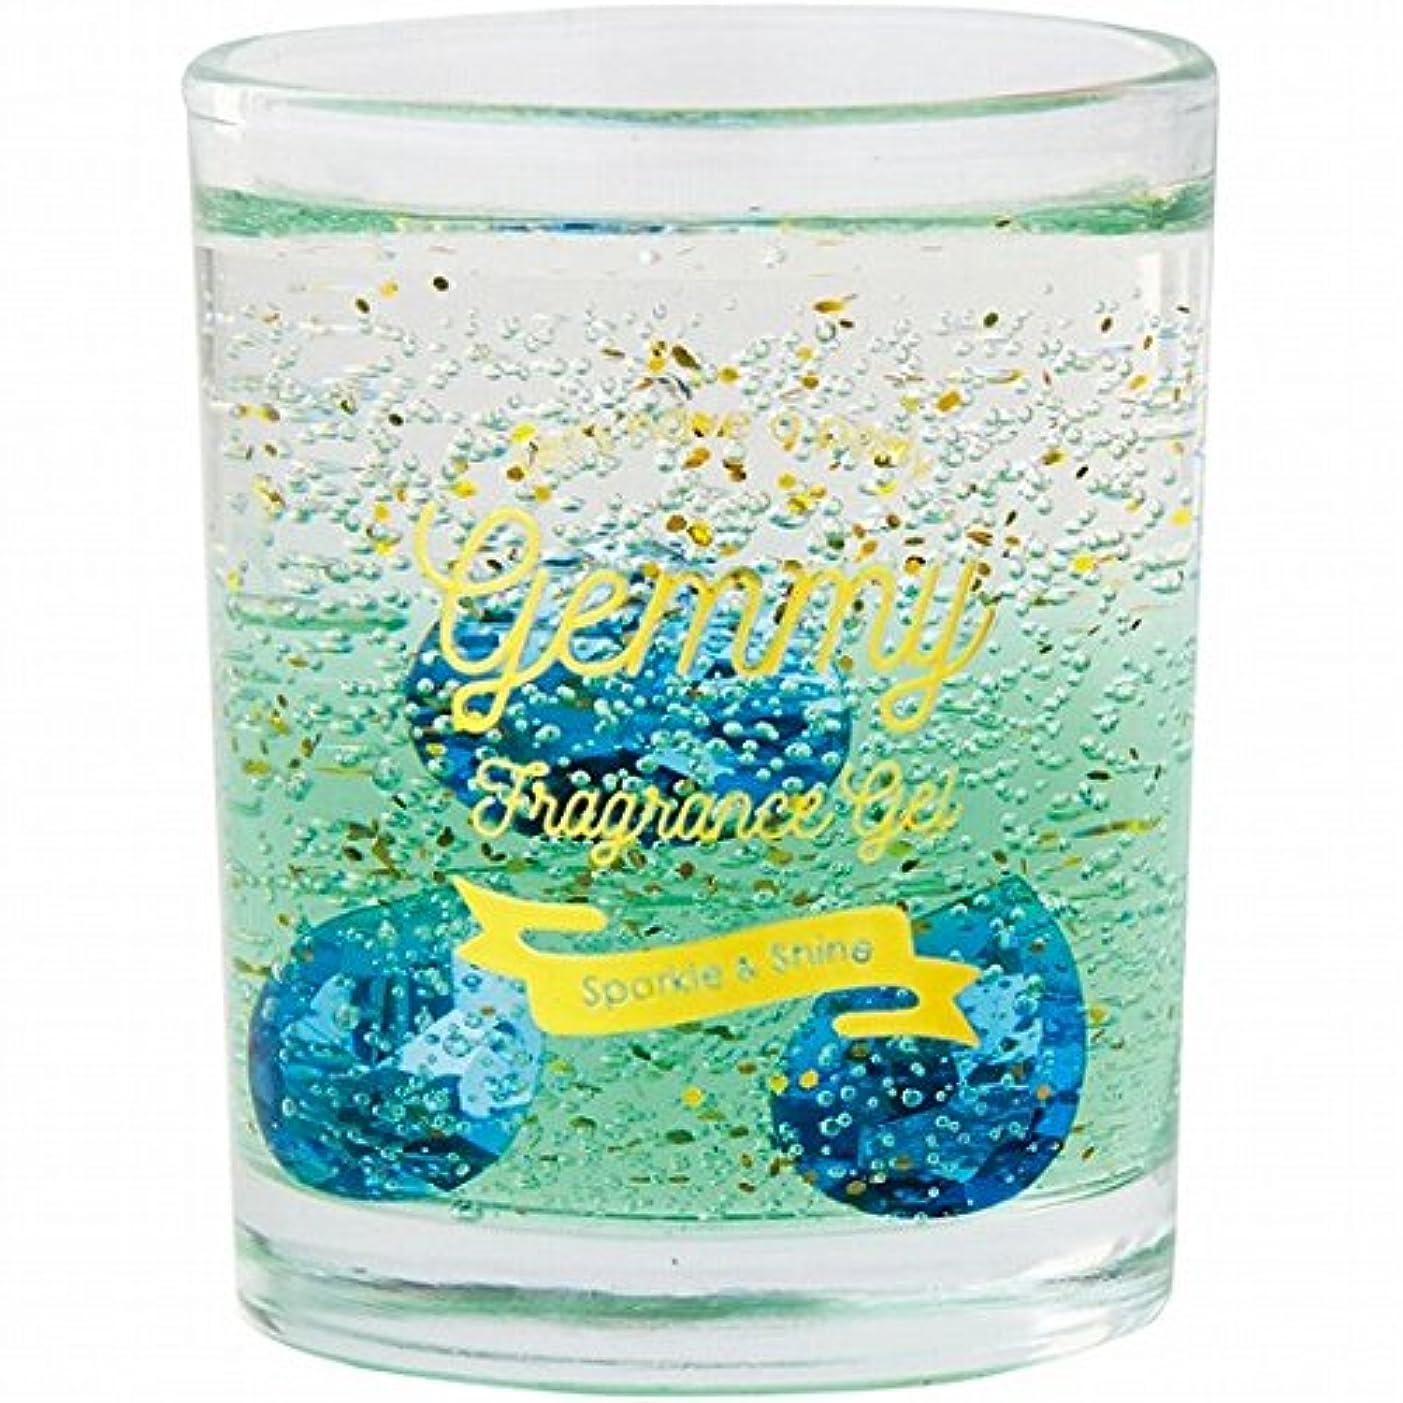 出血前提眩惑するkameyama candle(カメヤマキャンドル) GEMMY(ジェミー) フレグランスジェル 「タイム」6個セット(E3310510)